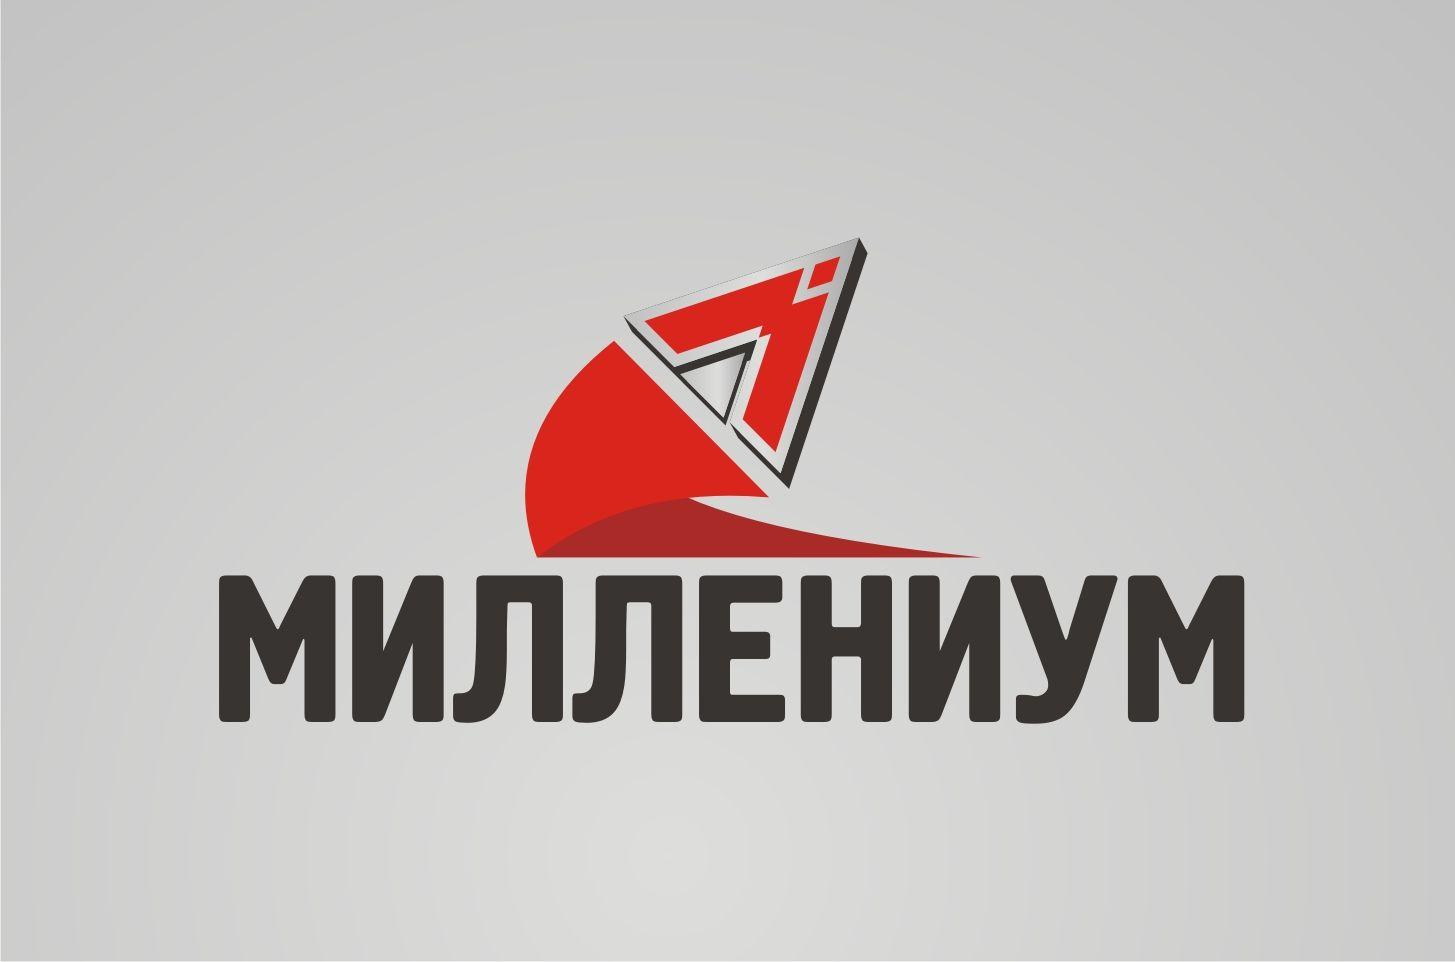 Бизнес Альянс Милленниум - дизайнер LiXoOnshade